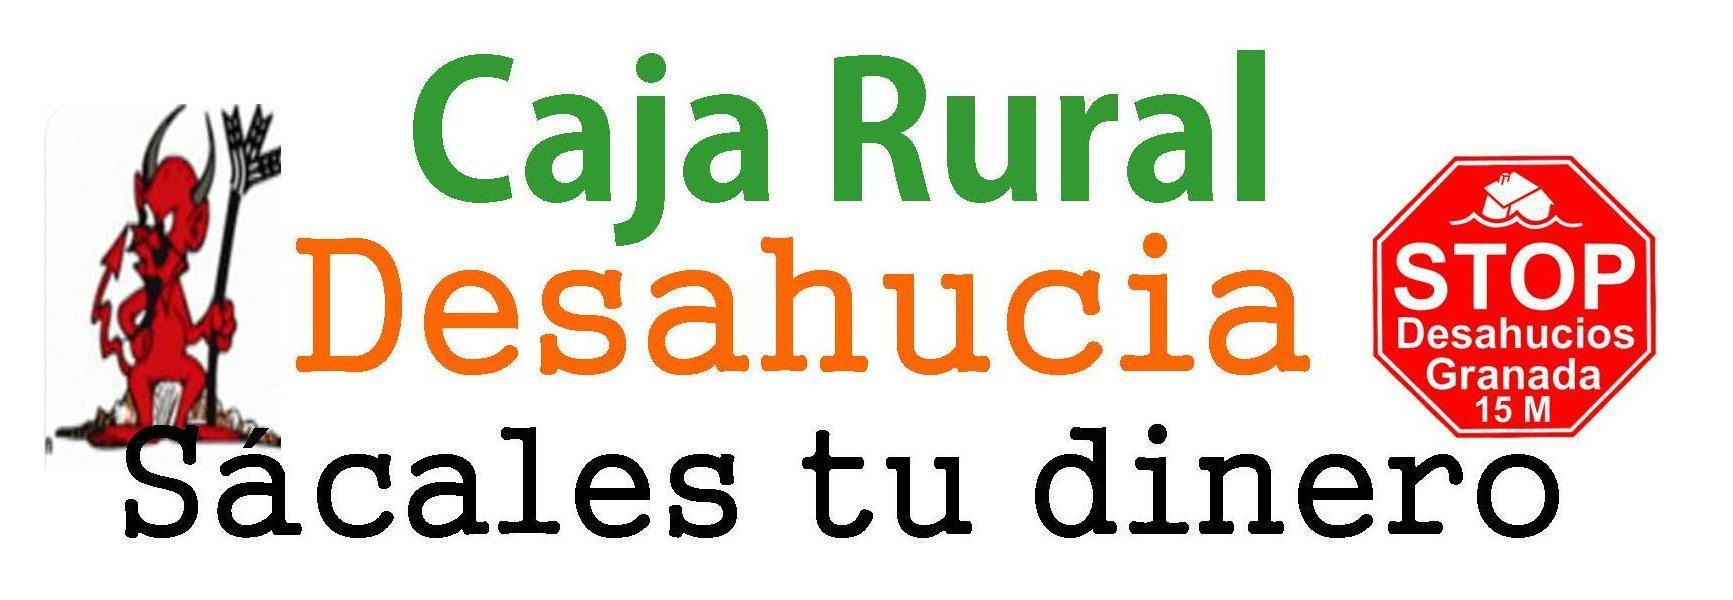 Nueva acci n contra caja rural para pedir soluciones for Caja rural granada oficinas